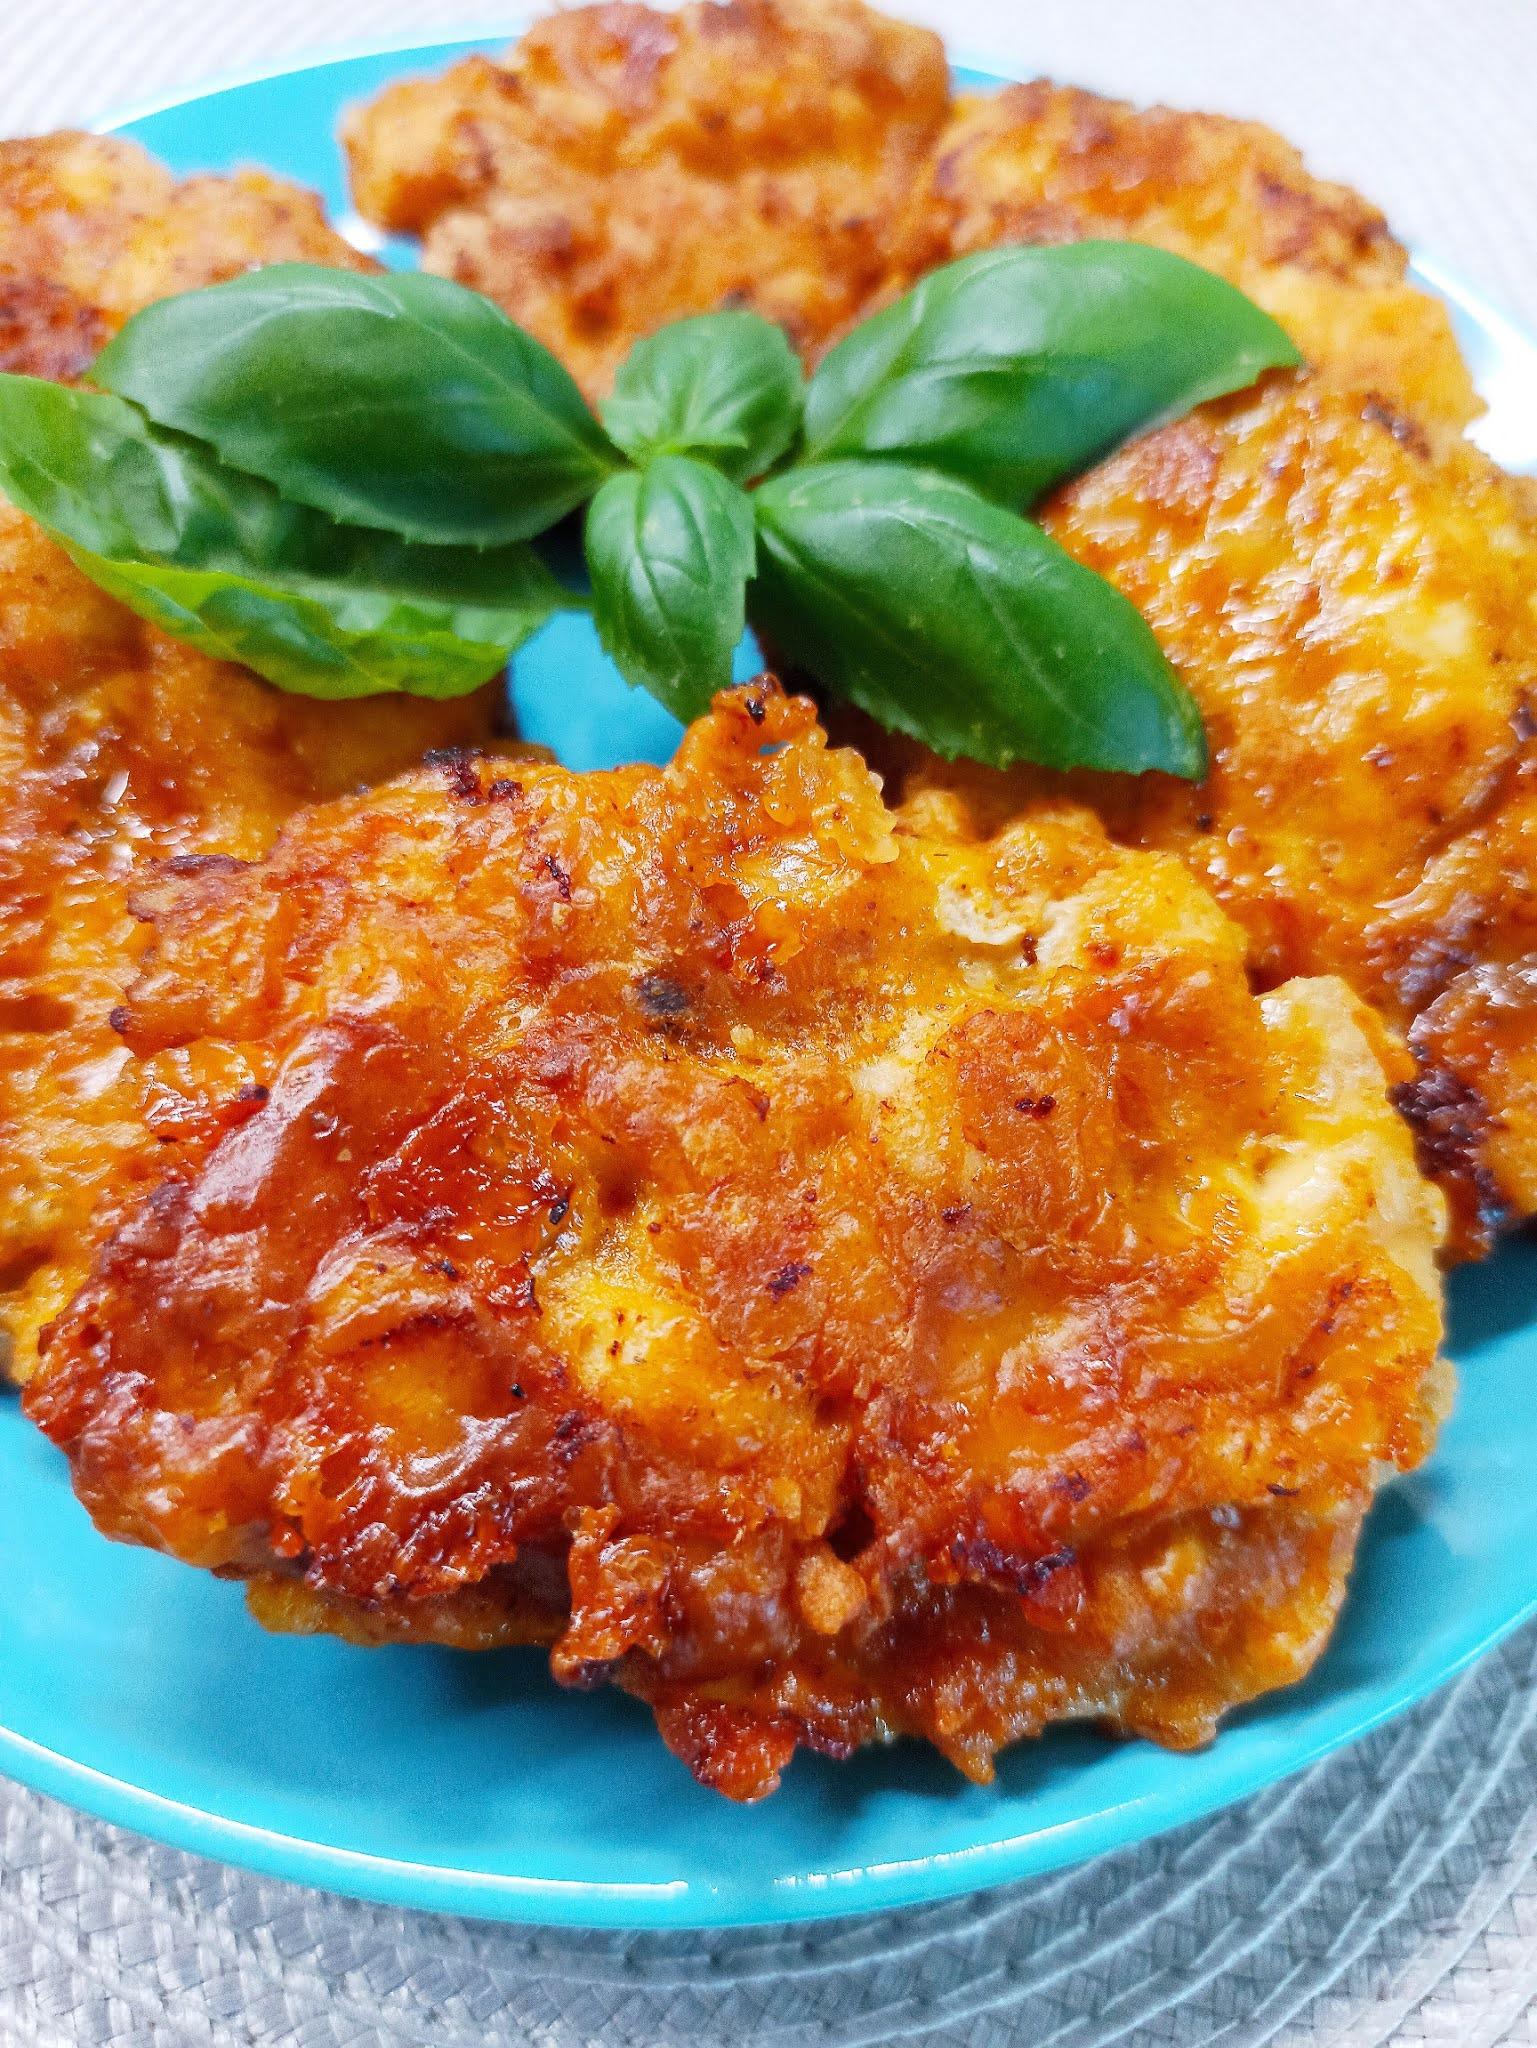 Kotlety siekane z mozzarellą